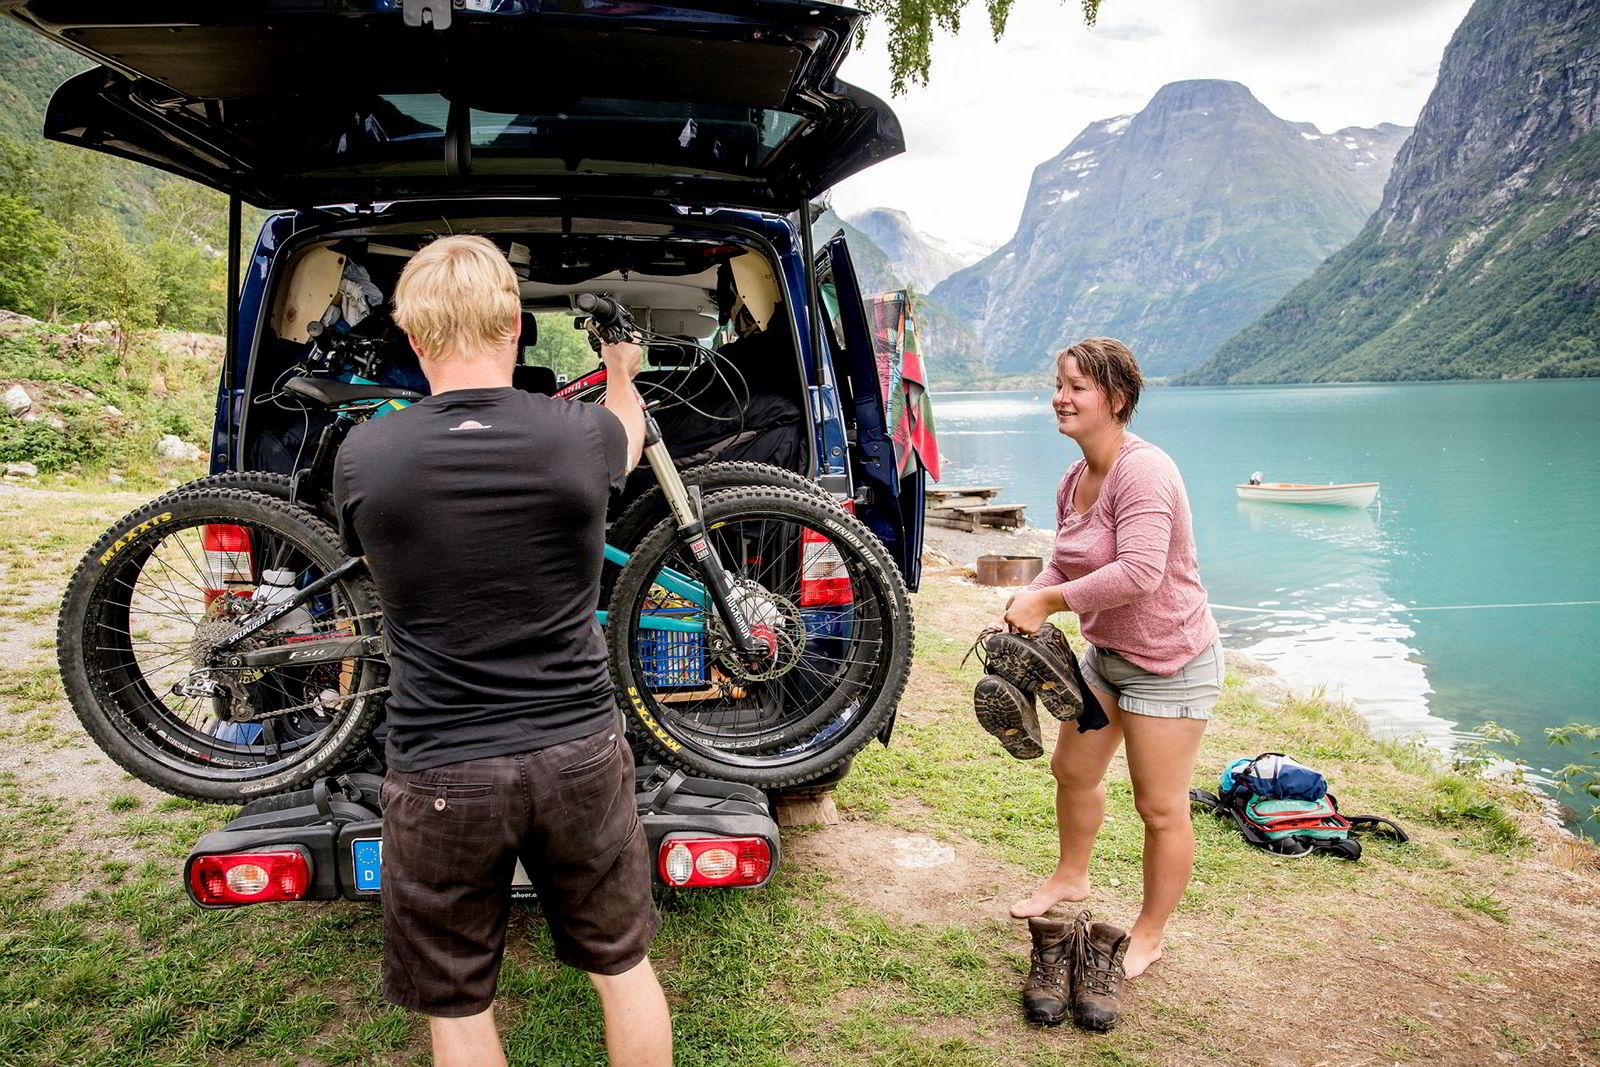 Franziska Holze (31) og Sebastian Greulich (32) fra Berlin og Potsdam har overnattet på Helset Camping ved Lovatnet. Paret har syklet til Jostedalsbreen som gir Lovatnet den karakteristiske grønnfargen. Neste stopp for tyskerne er et mountainbike-treff.